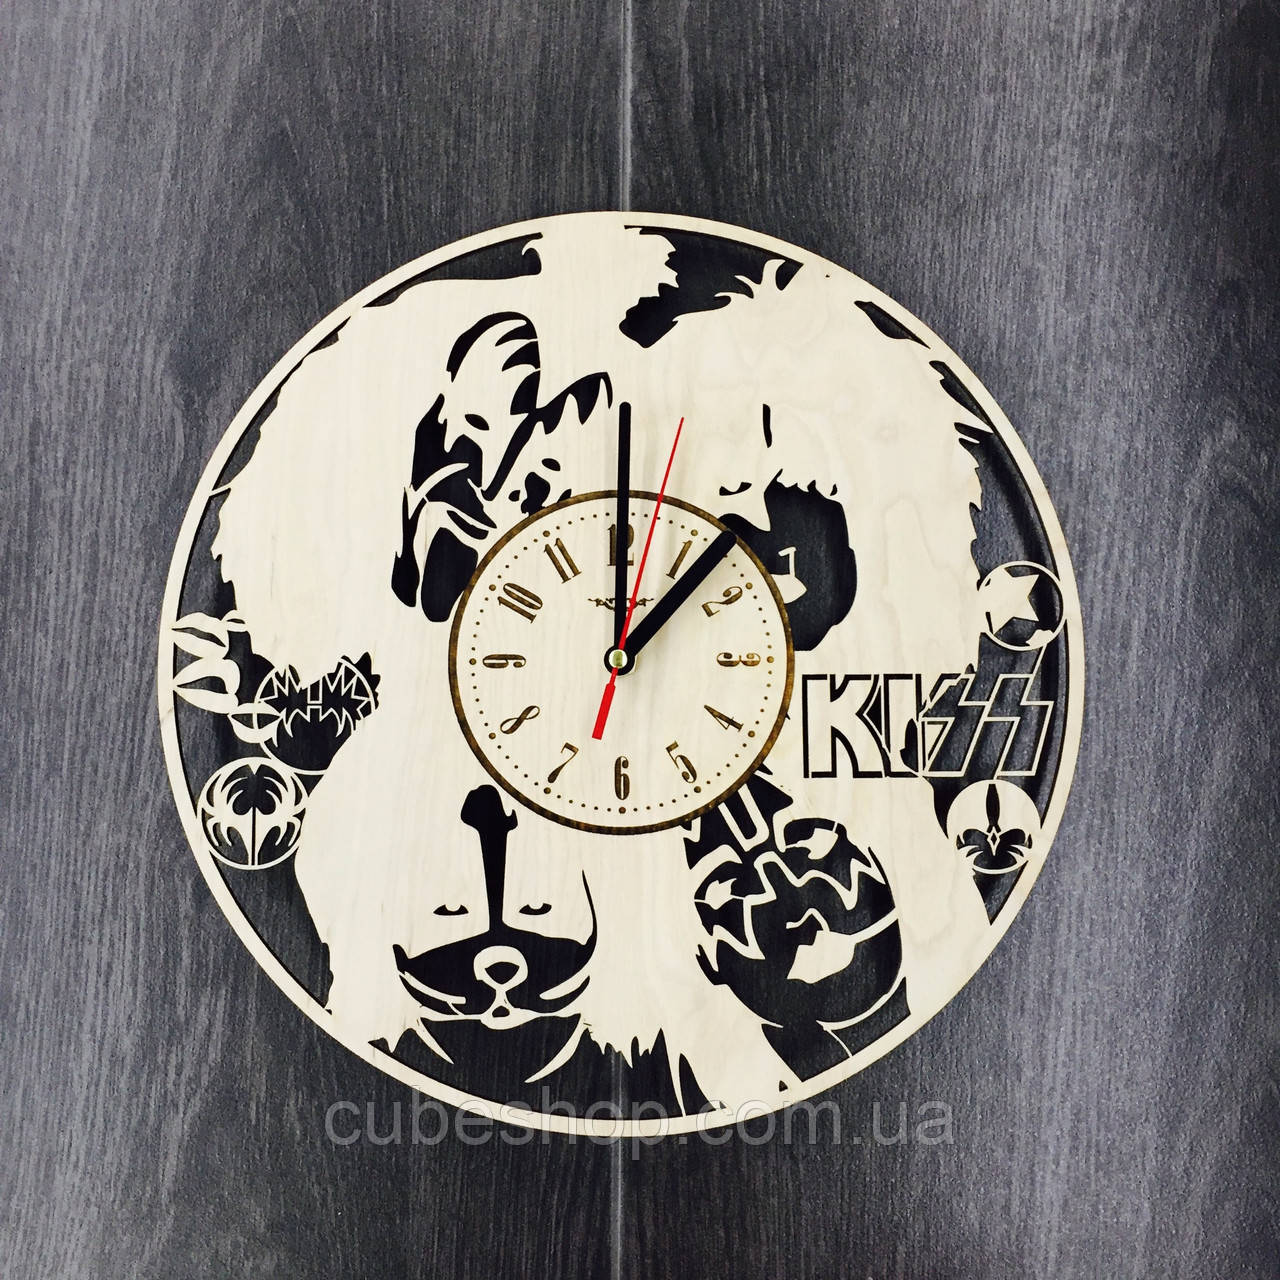 Арт часы настенные KISS